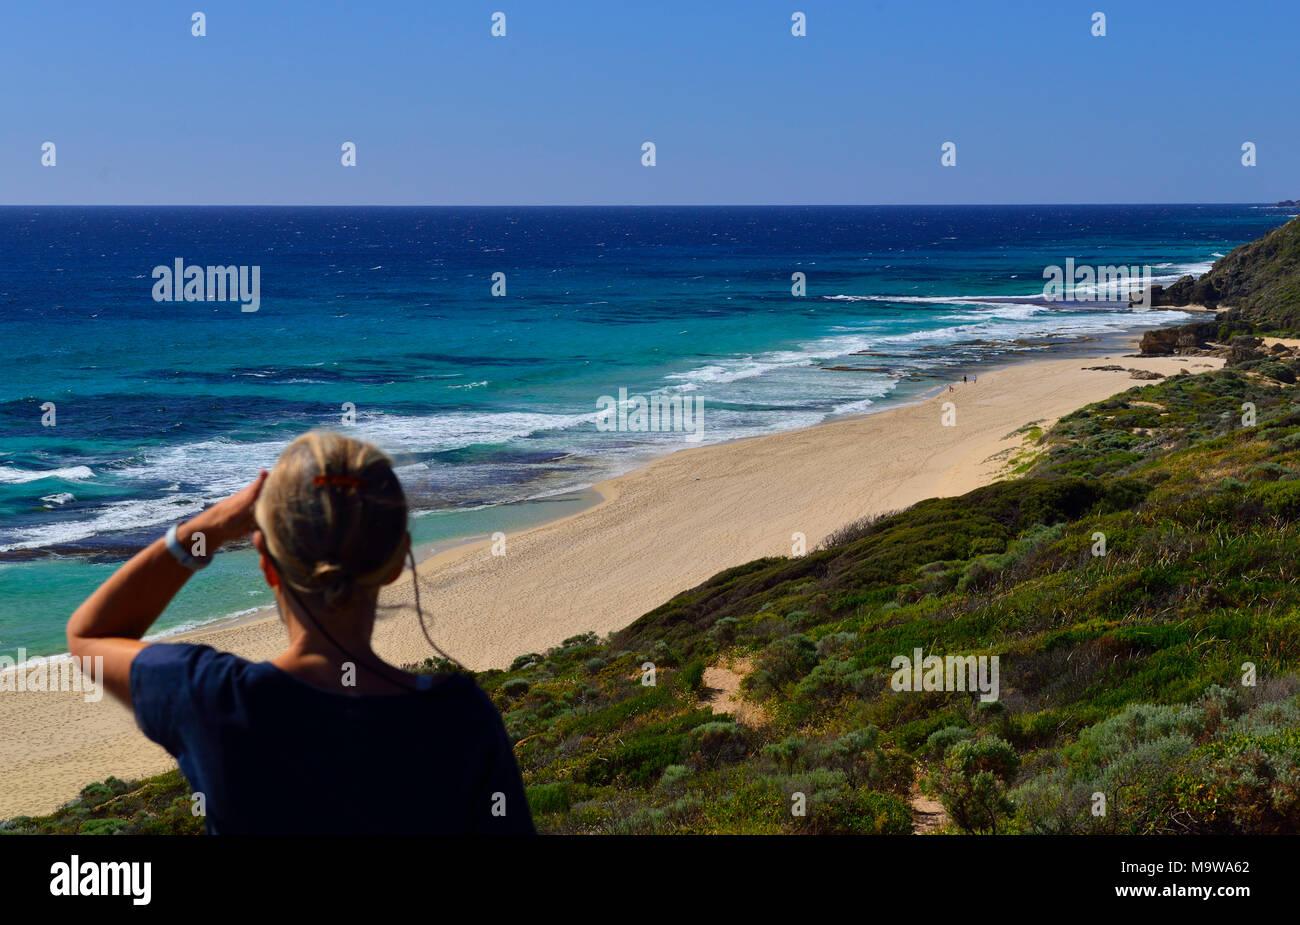 Femme regardant vers le nord le long de la plage de Yallingup vers phare du cap Naturaliste ,à l'ouest de l'Australie de Yallingup Photo Stock